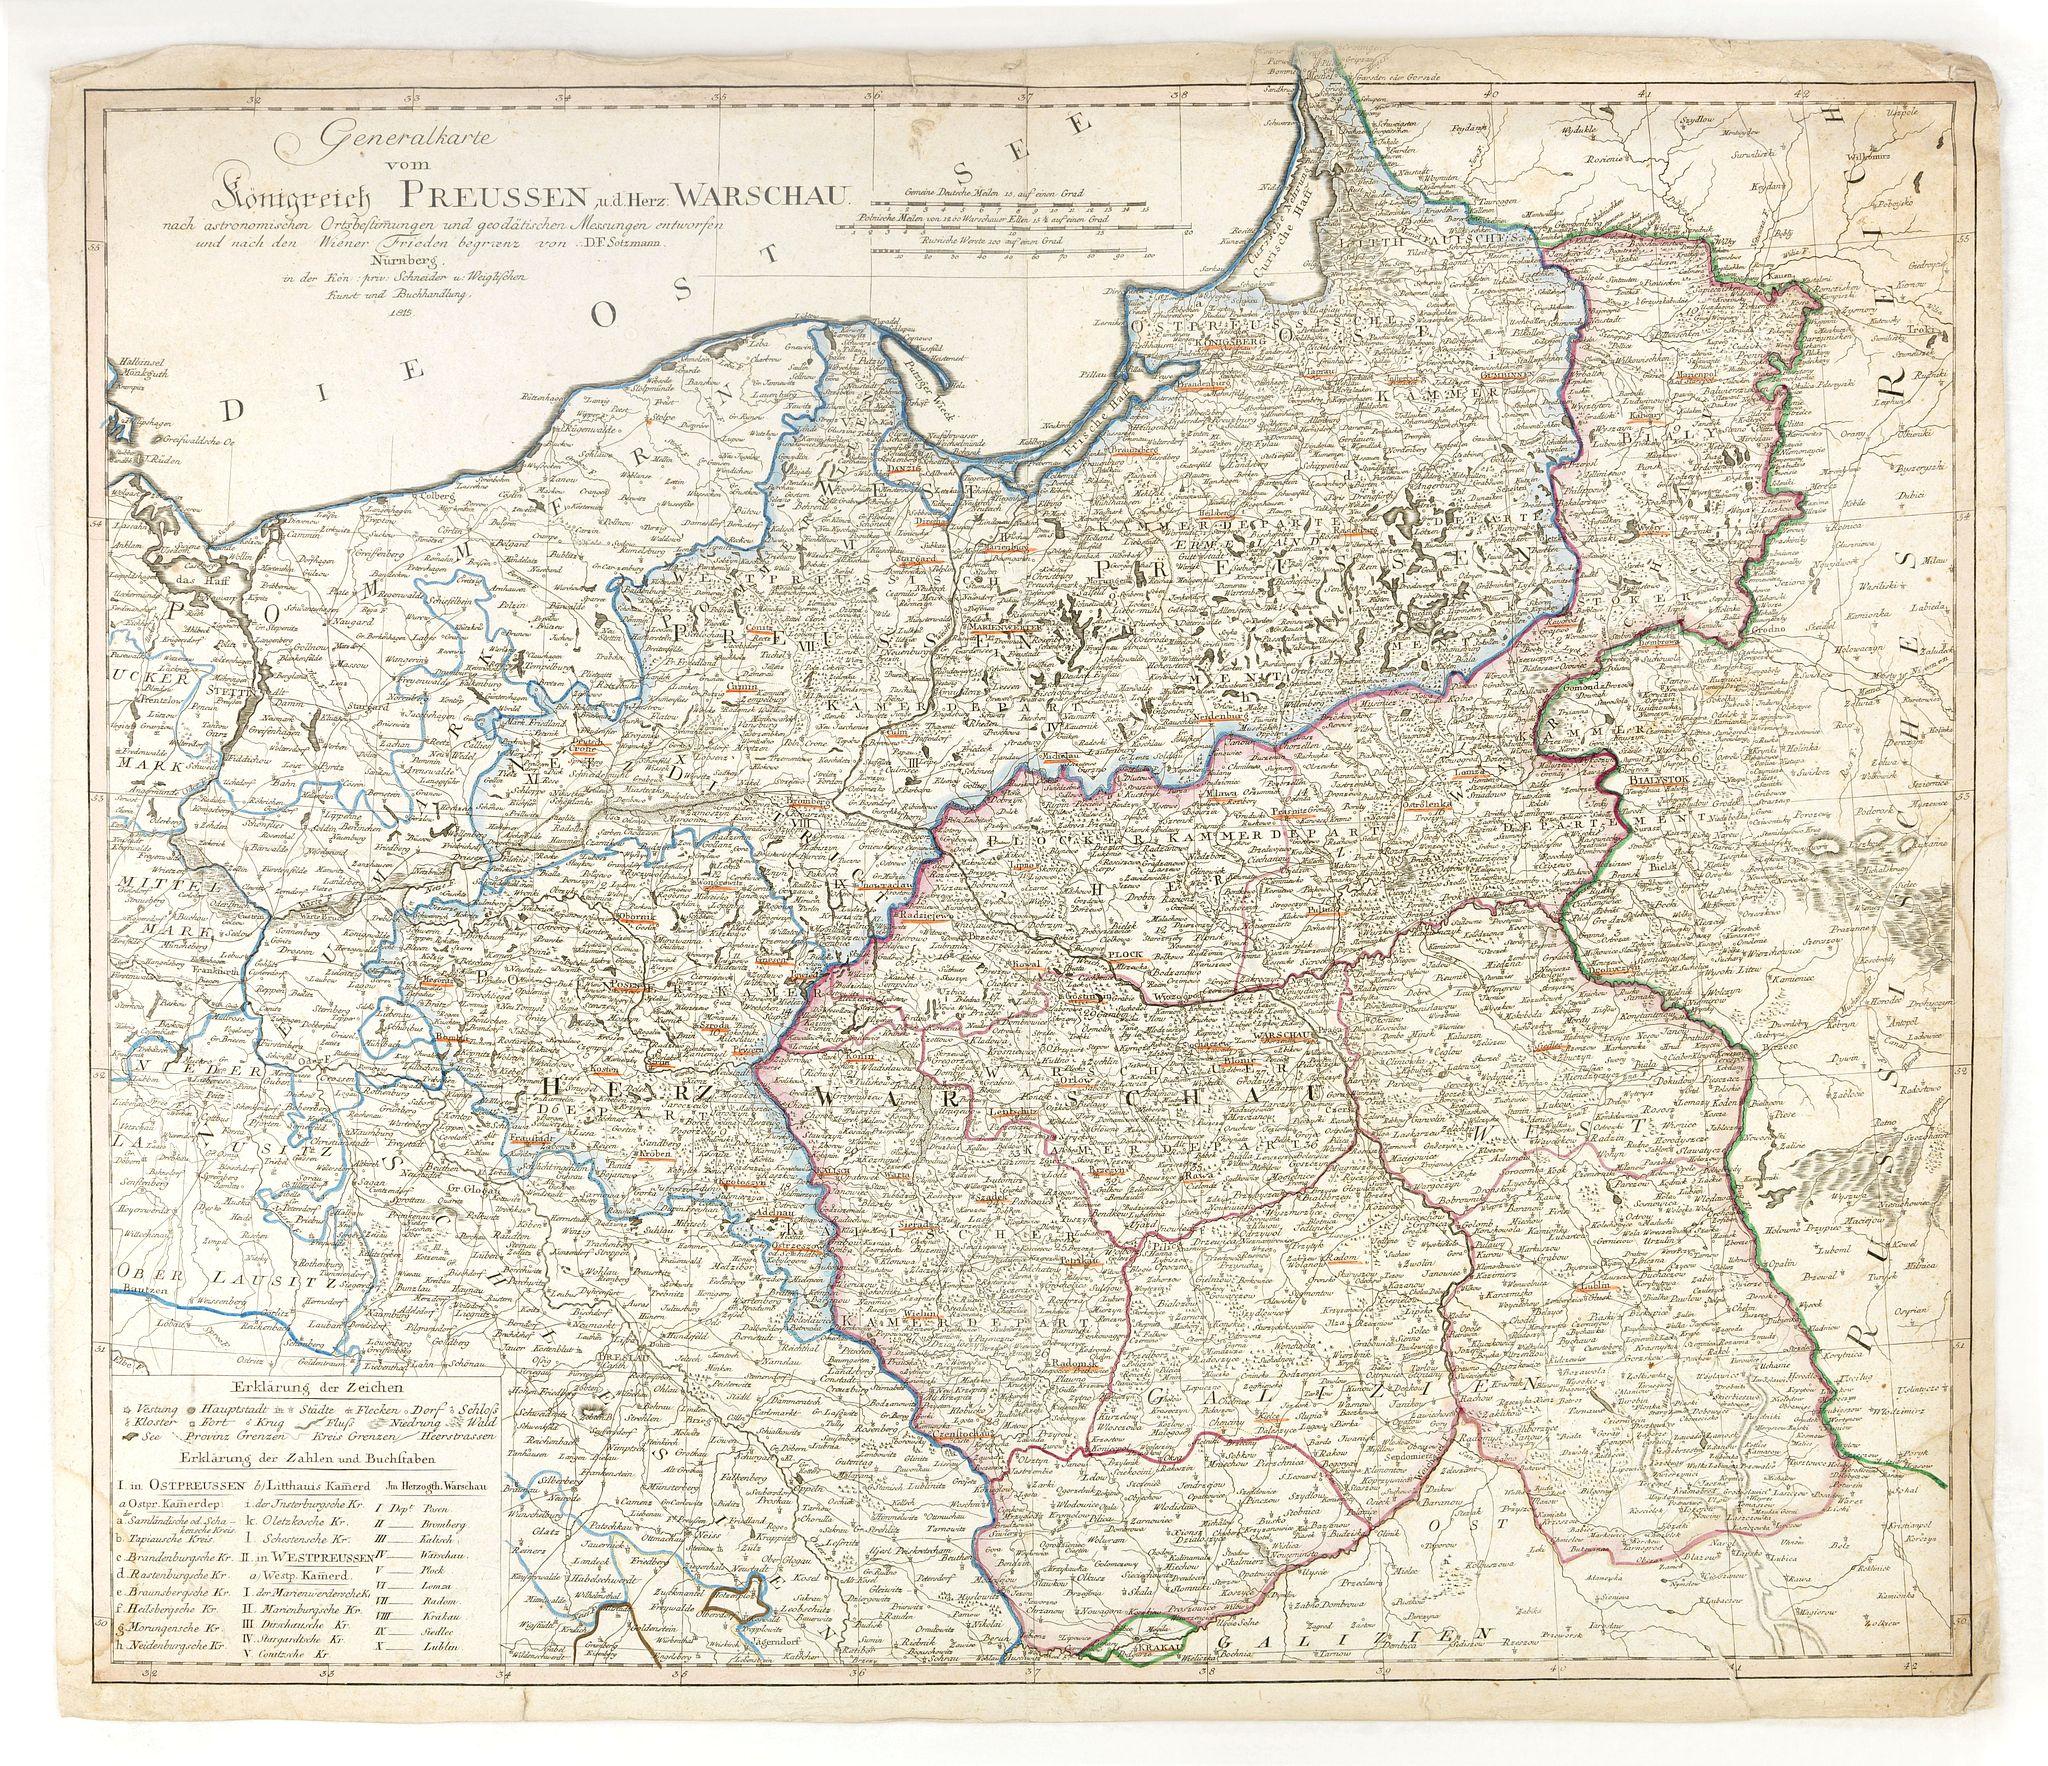 SOTZMANN, D. F. -  Generalkarte vom Königreich Preussen u. d. Herz[ogtum] Warschau nach astronomischen Ortsbestim[m]ungen und geodätischen Messungen. . .